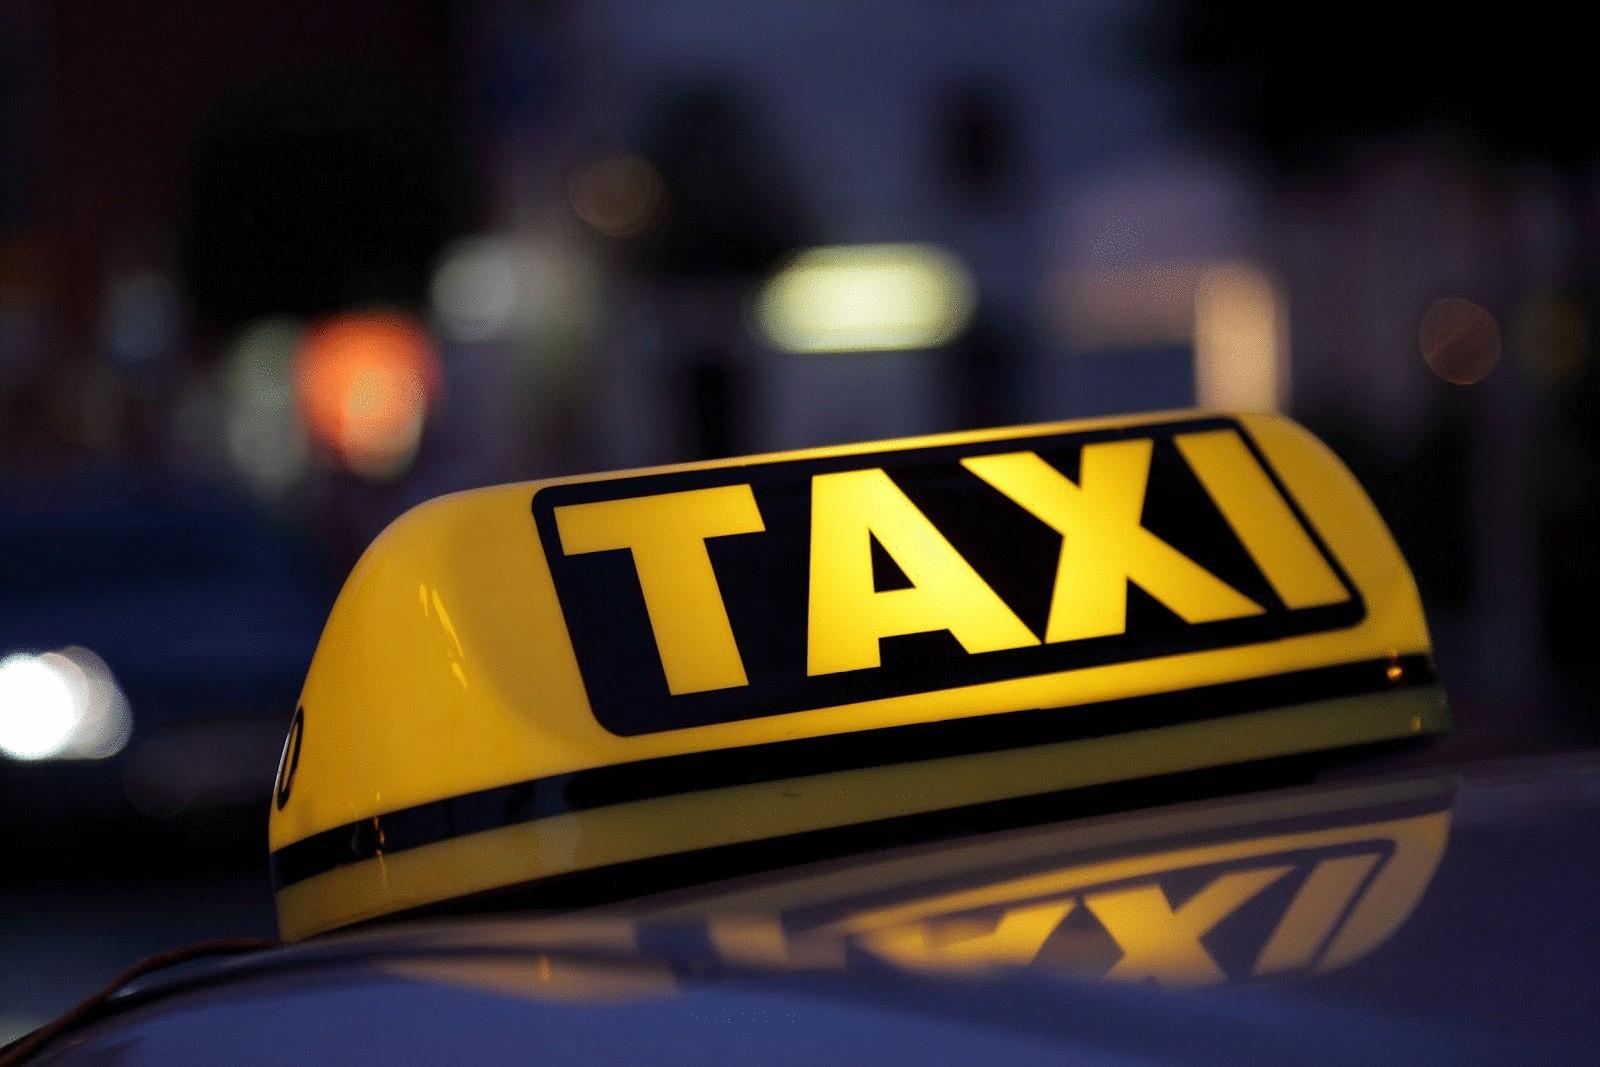 что является знаком такси